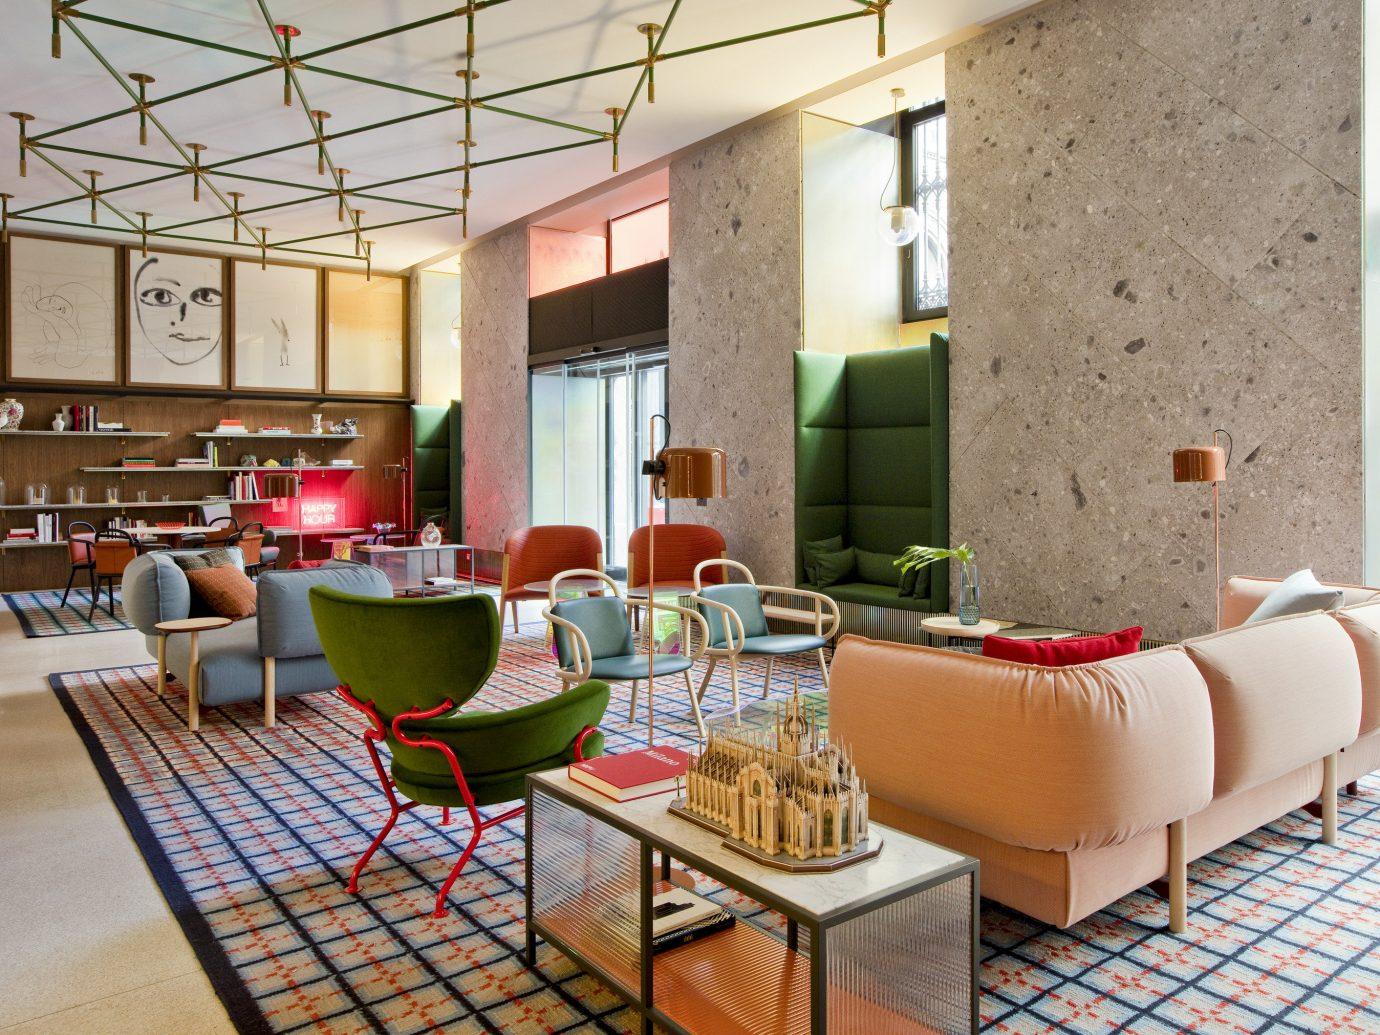 Hotels floor indoor property room living room interior design condominium home restaurant real estate estate Design Lobby apartment window covering furniture